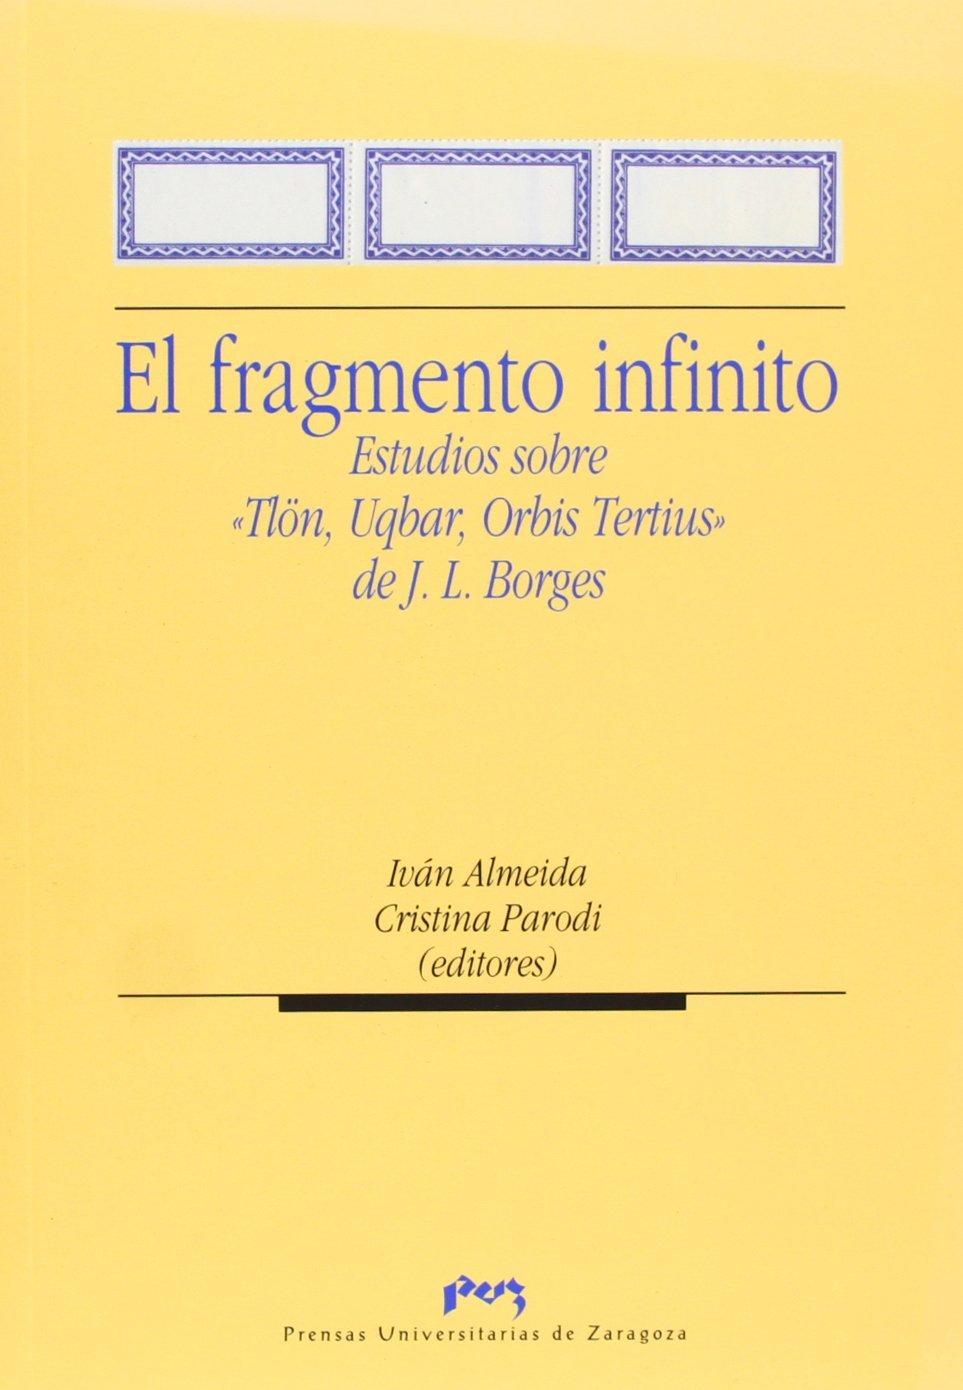 El fragmento infinito : estudios sobre